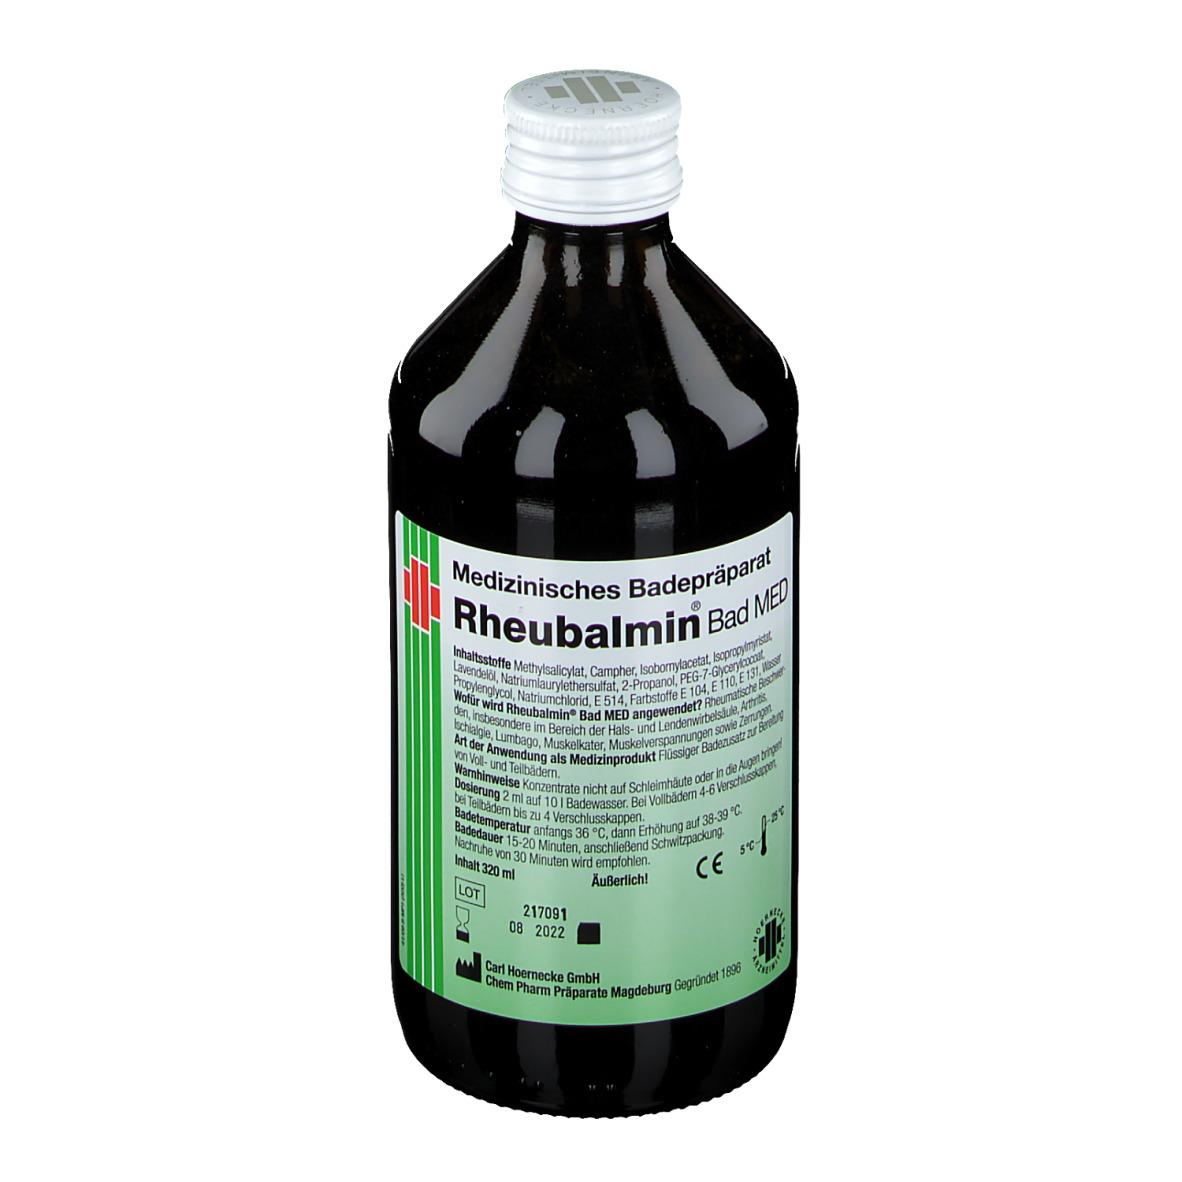 Rheubalmin® Bad MED